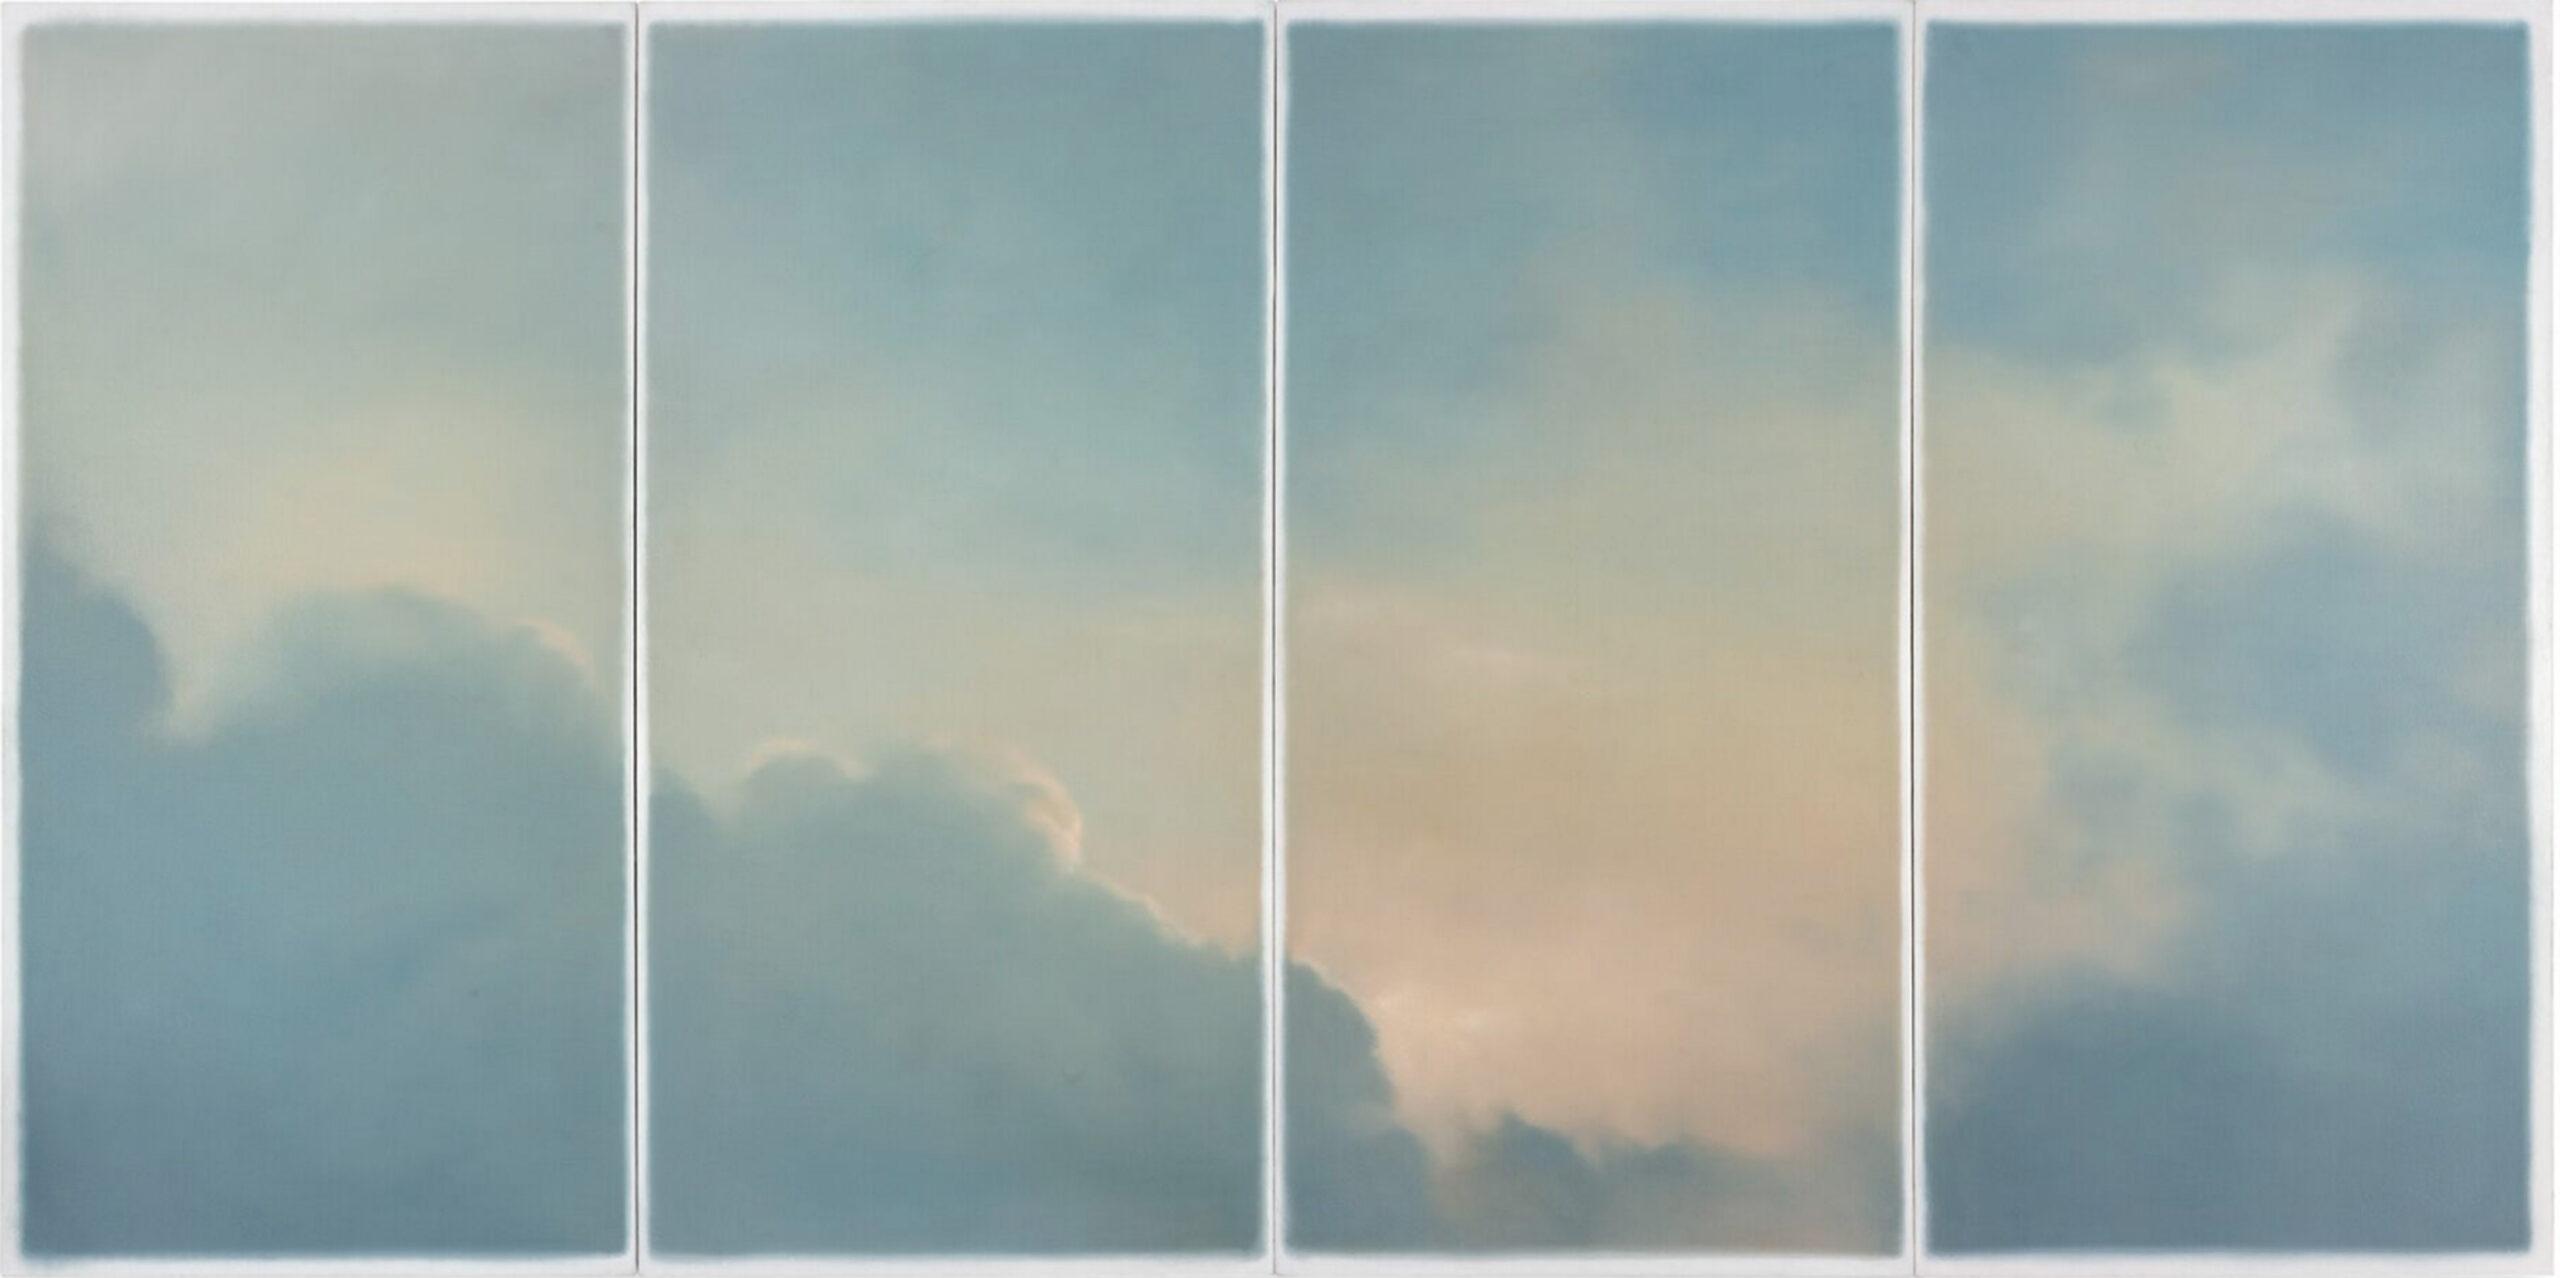 Dall'immenso cielo di Richter al Bellotto restituito, passando per Frans Hals fino a Léger: l'asta cross-category di Sotheby's